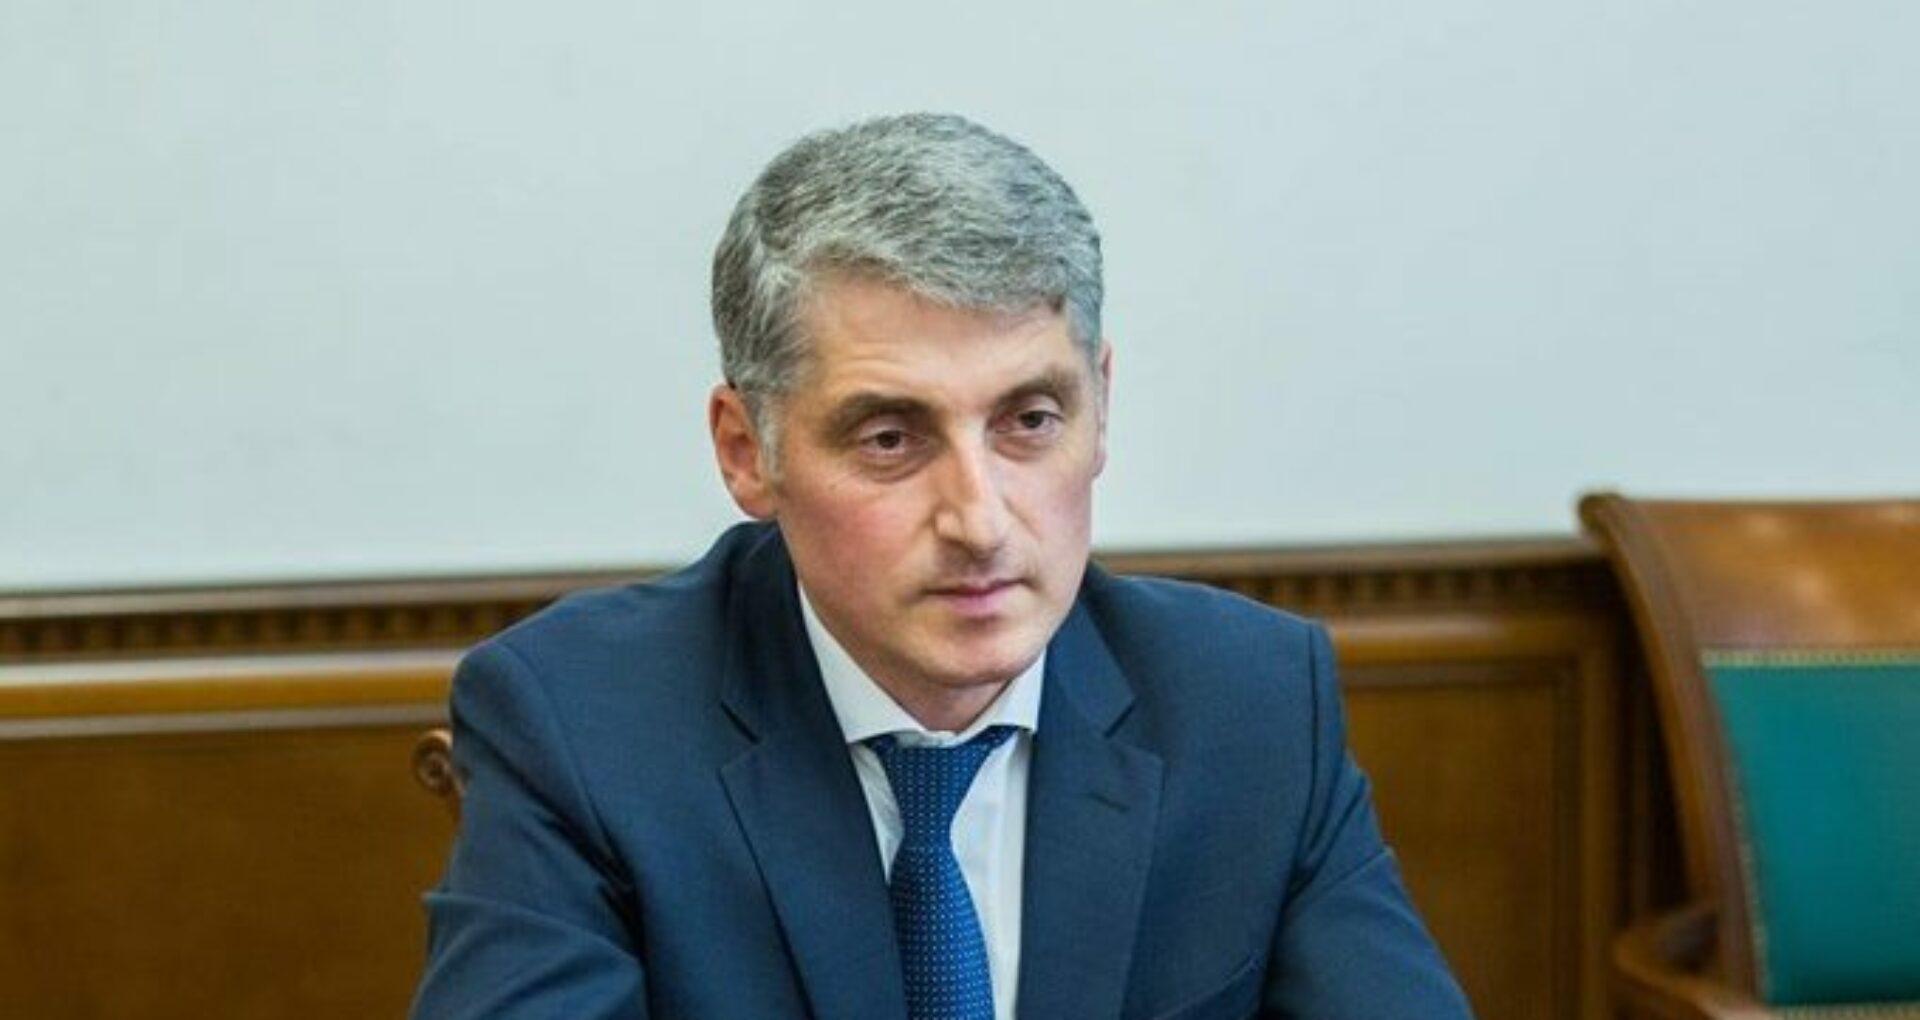 FOTO/ Cum arată cererea de demisie a procurorului general Eduard Harunjen